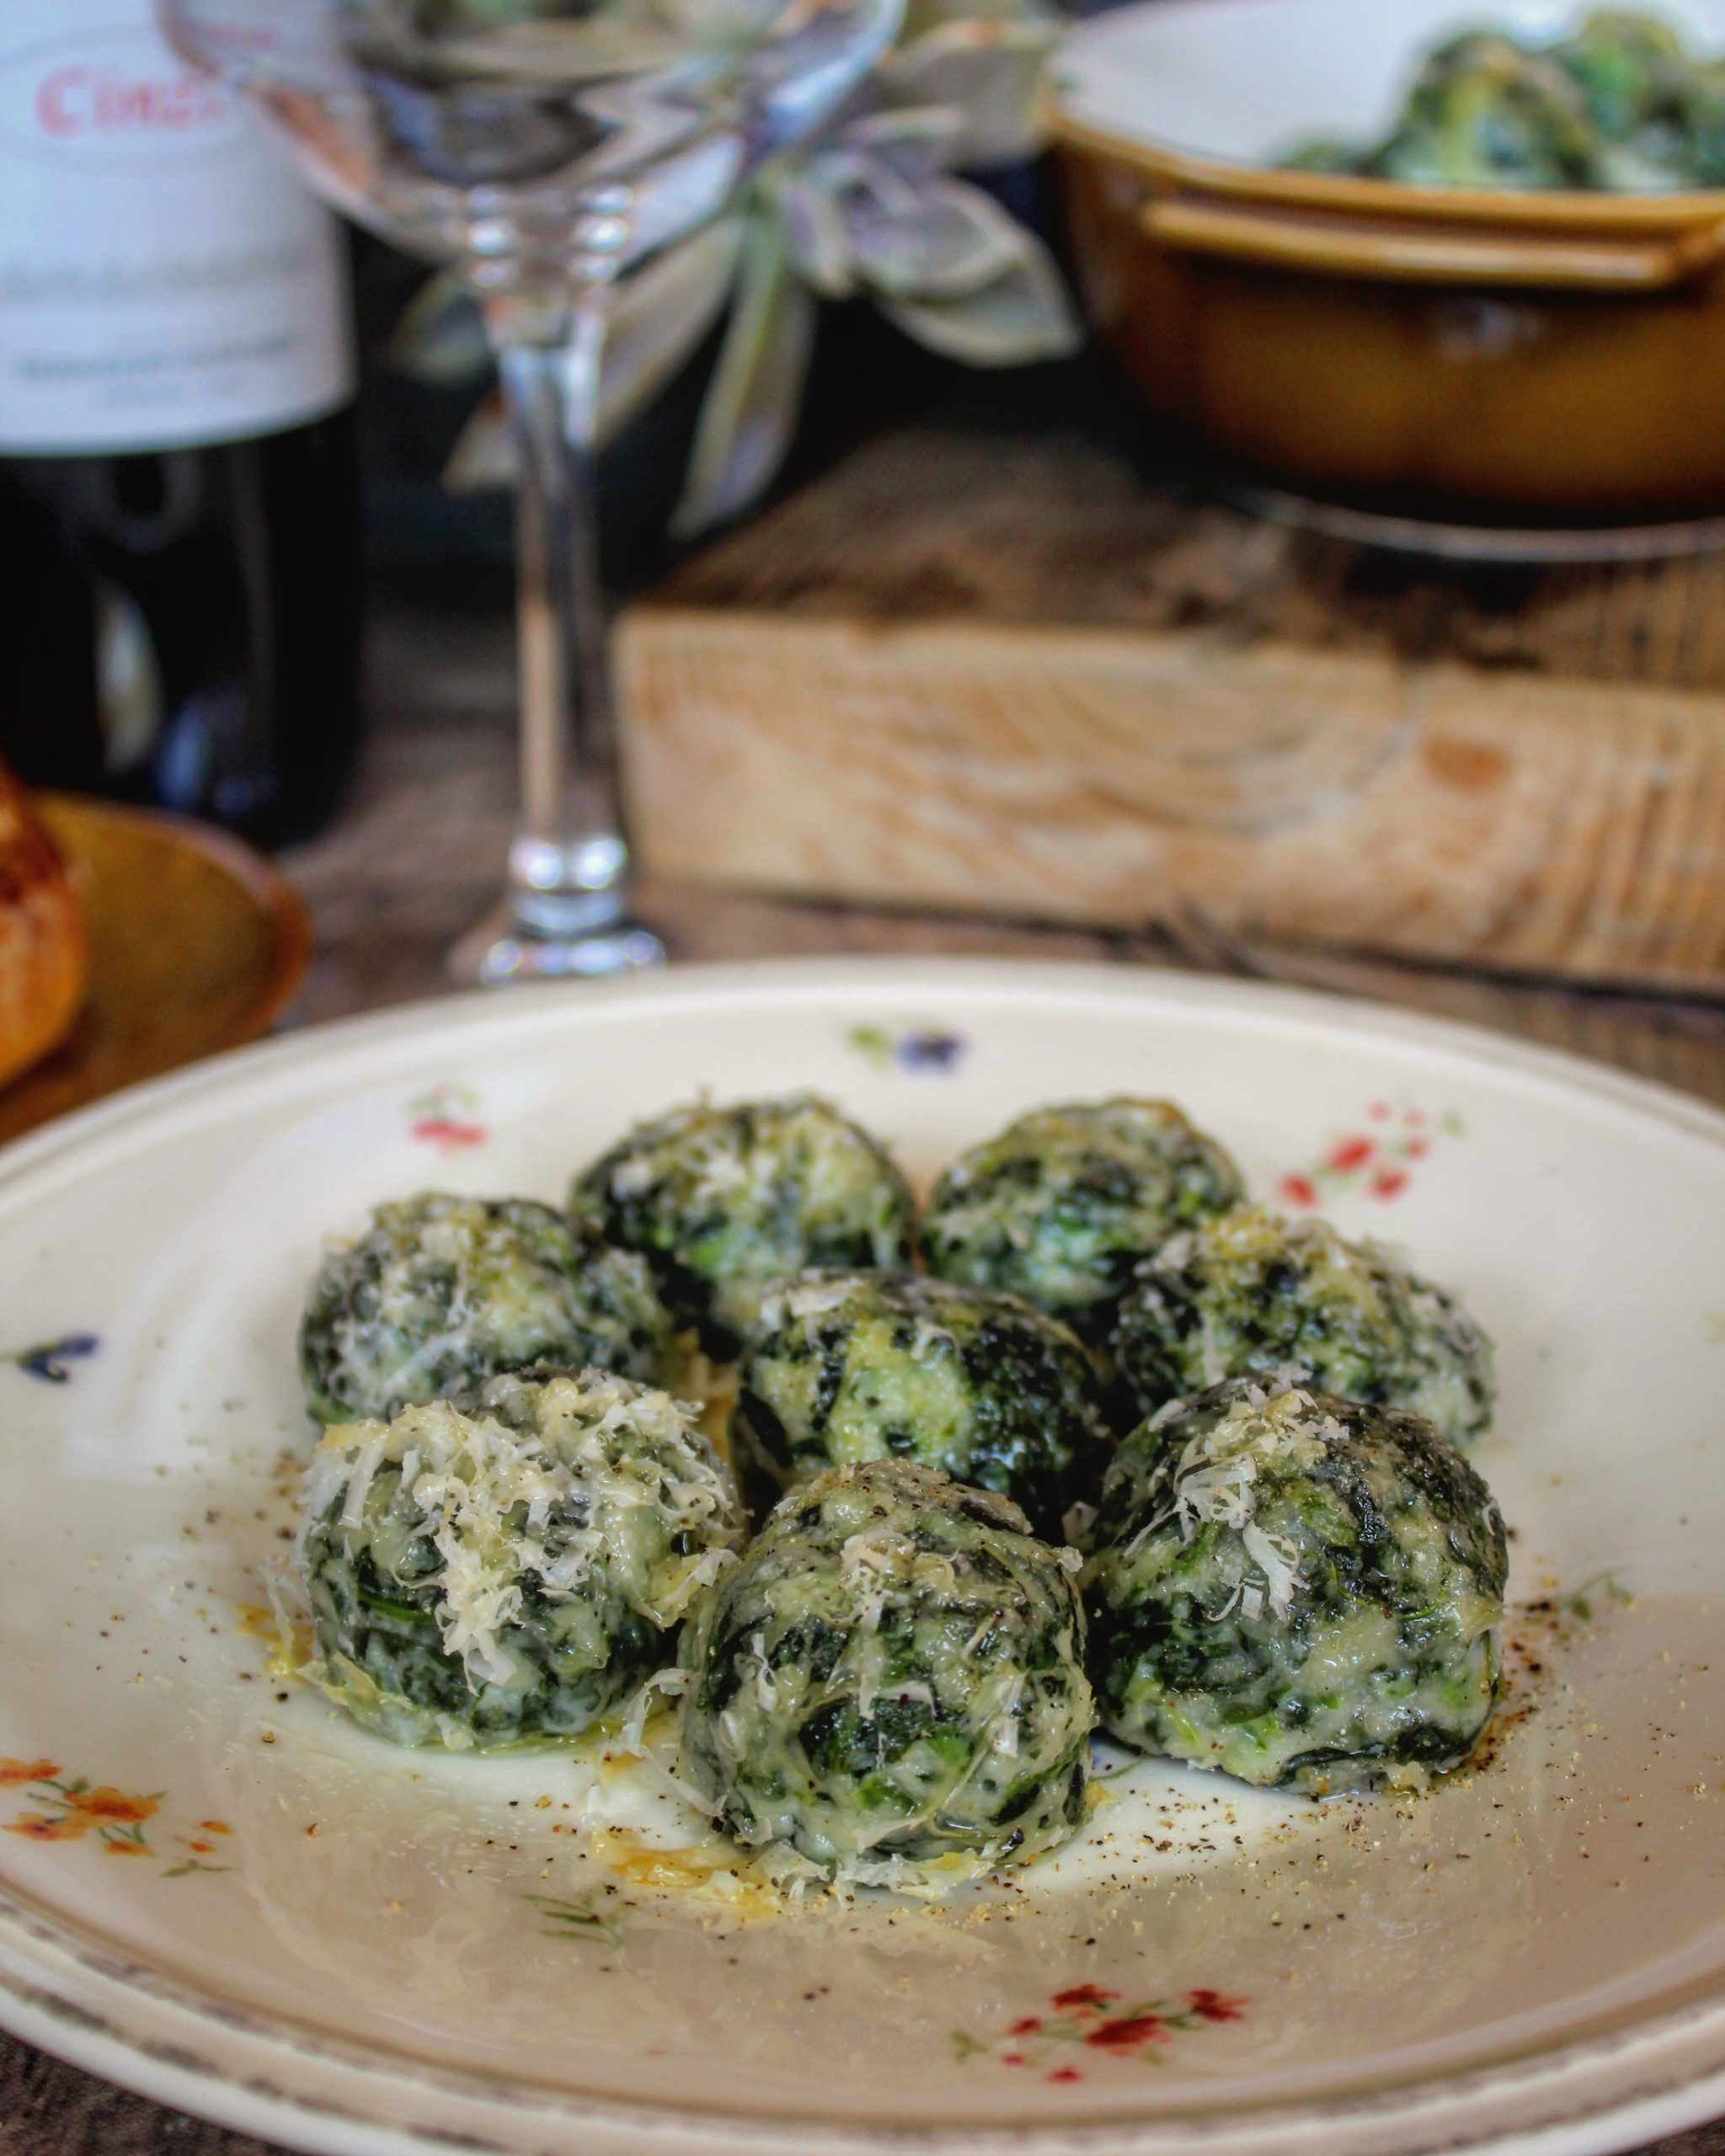 Gnocchi spinaci e ricotta al forno